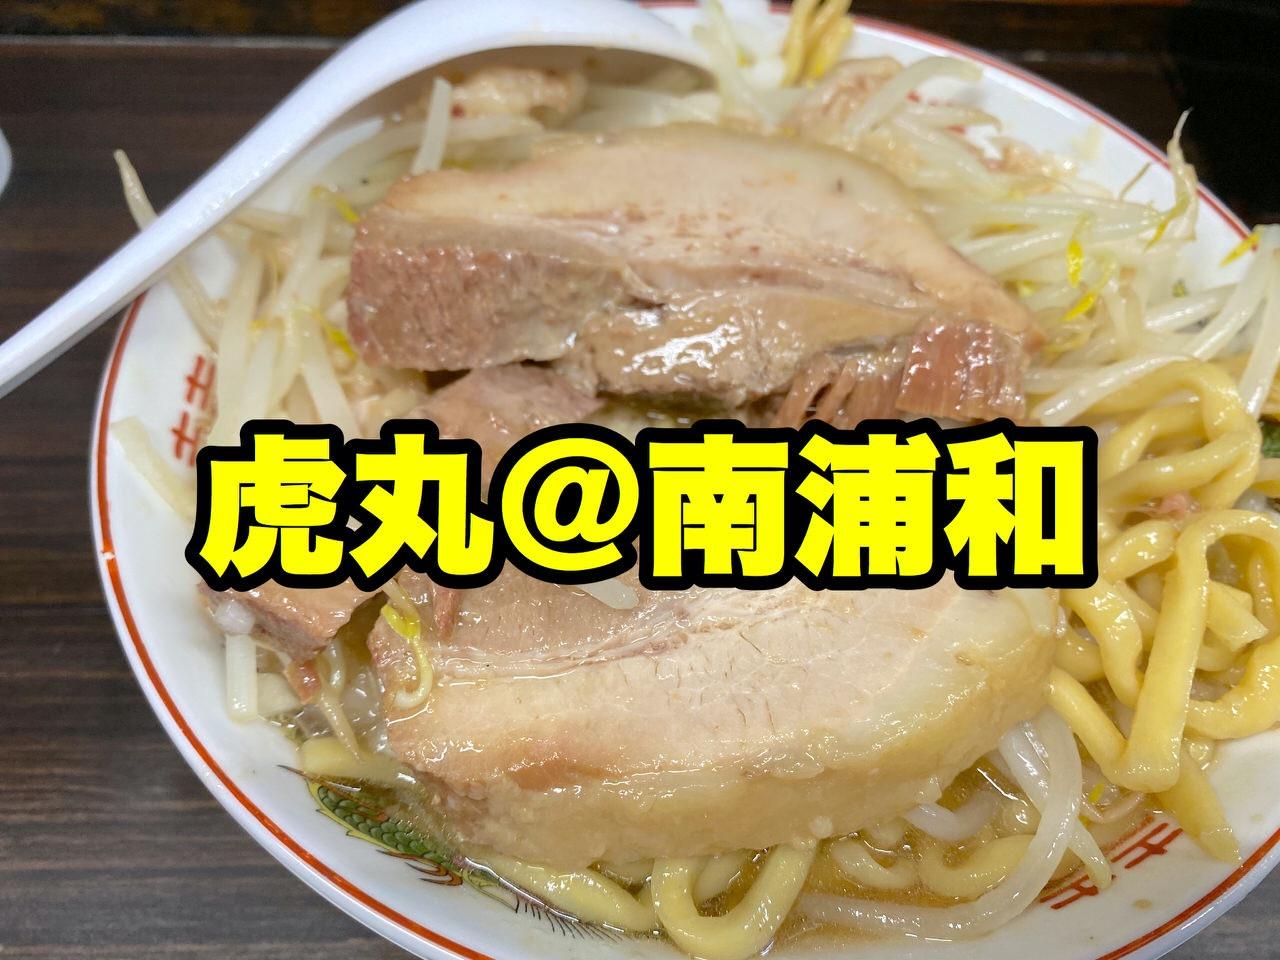 「らーめん虎丸」まろやかで美味しい二郎系!ミニラーメン200gのペロリと食べられる安心感(南浦和)